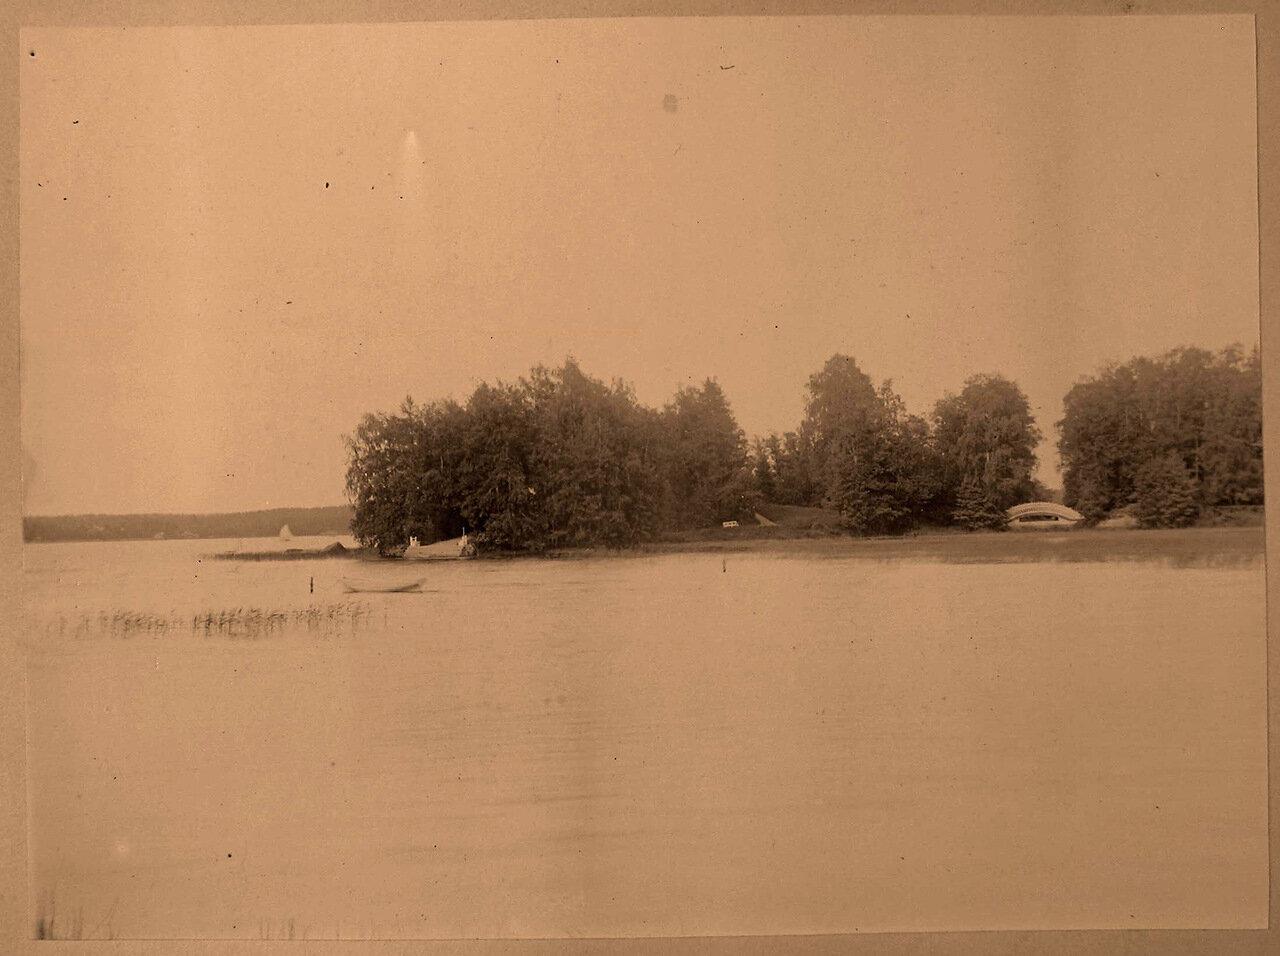 04. Вид на Остров с палаткой; справа - Китайский мостик